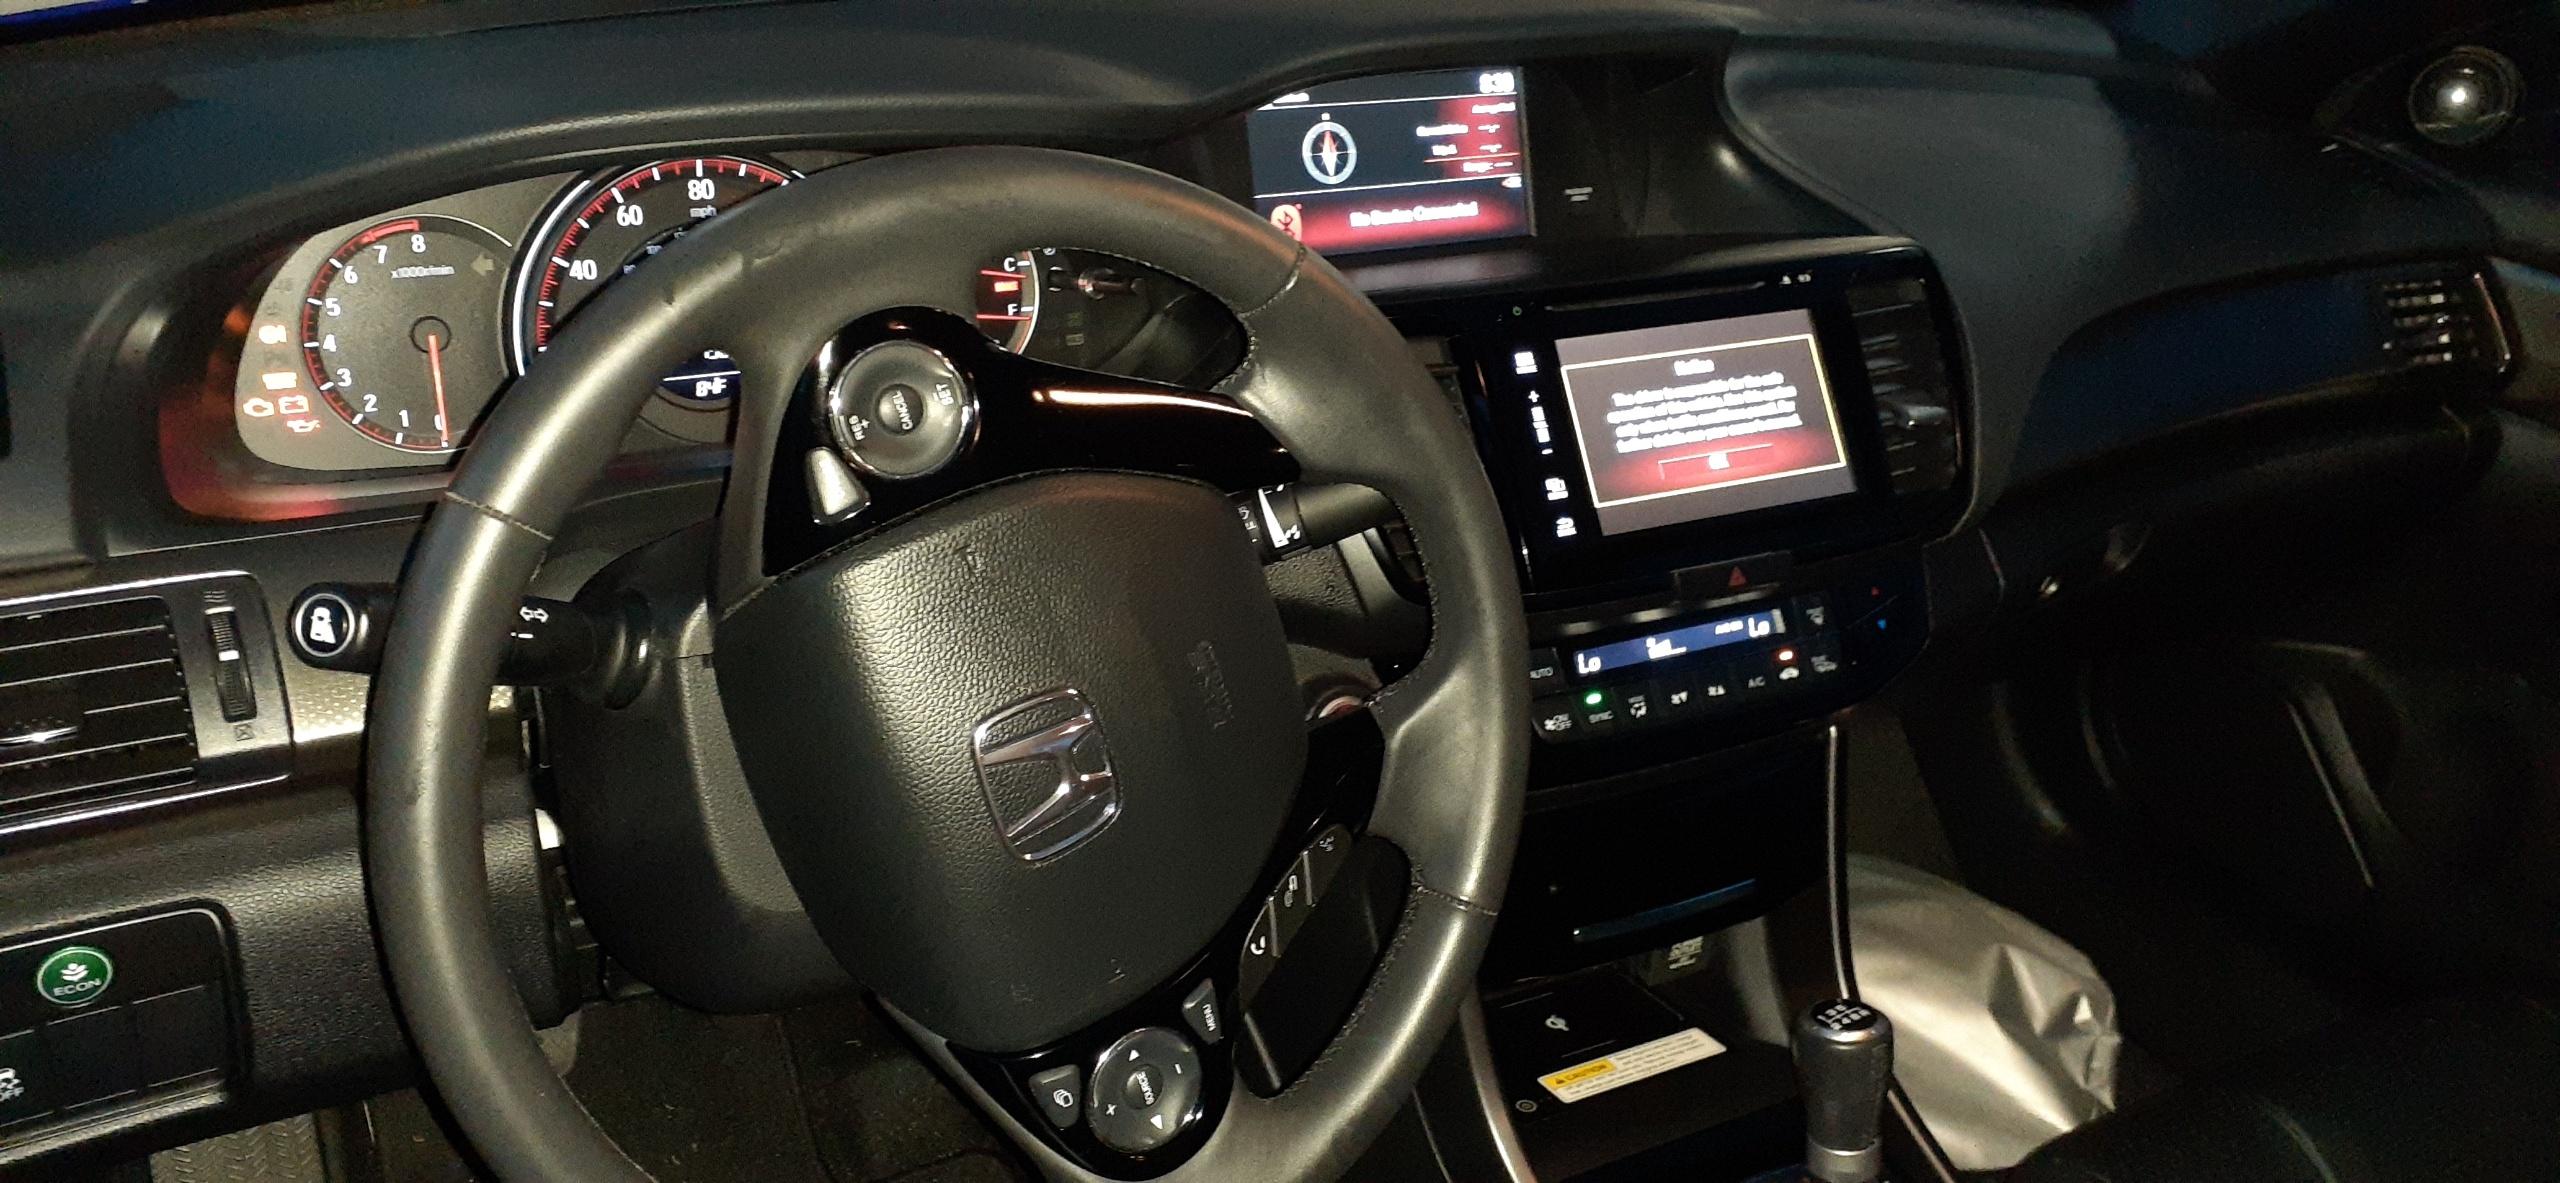 Interior of Honda Accord coupe. Interior trim is black.